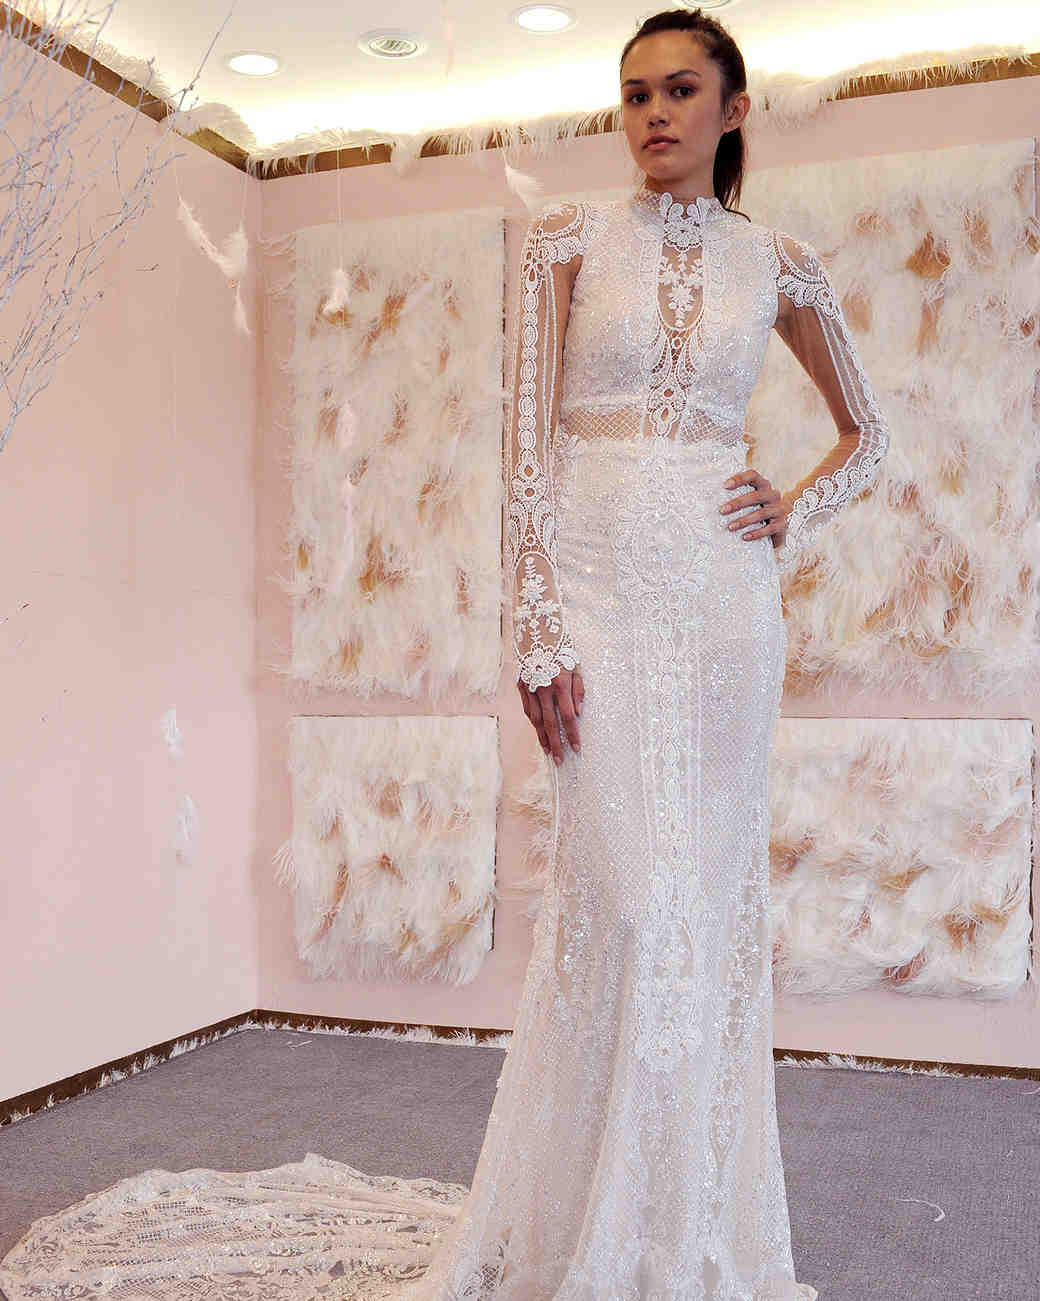 Disney Style Wedding Dresses 49 Nice Gala by Galia Lahav